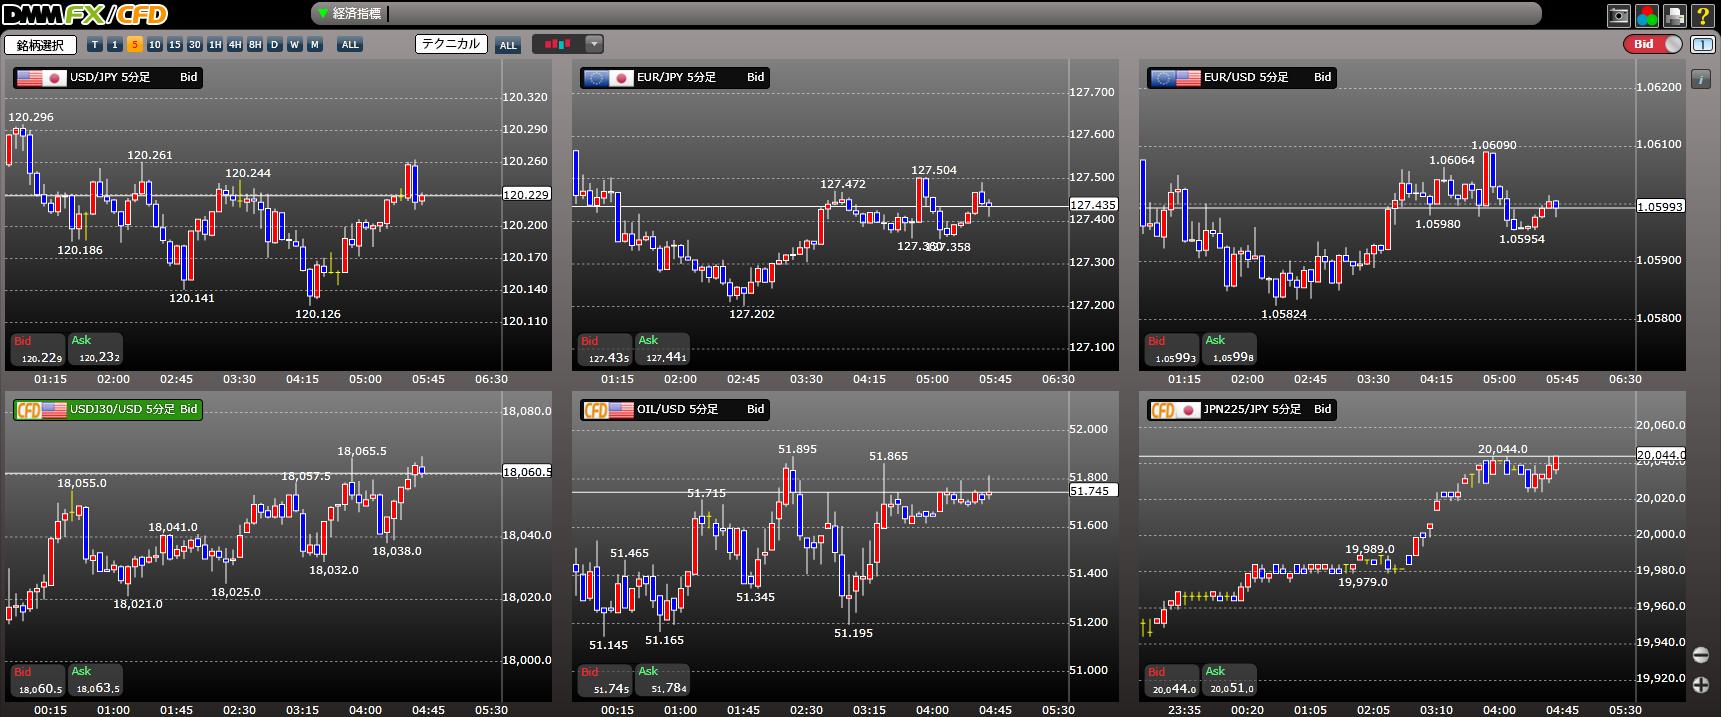 ダウ 平均 リアルタイム チャート NYダウ平均株価 チャート -